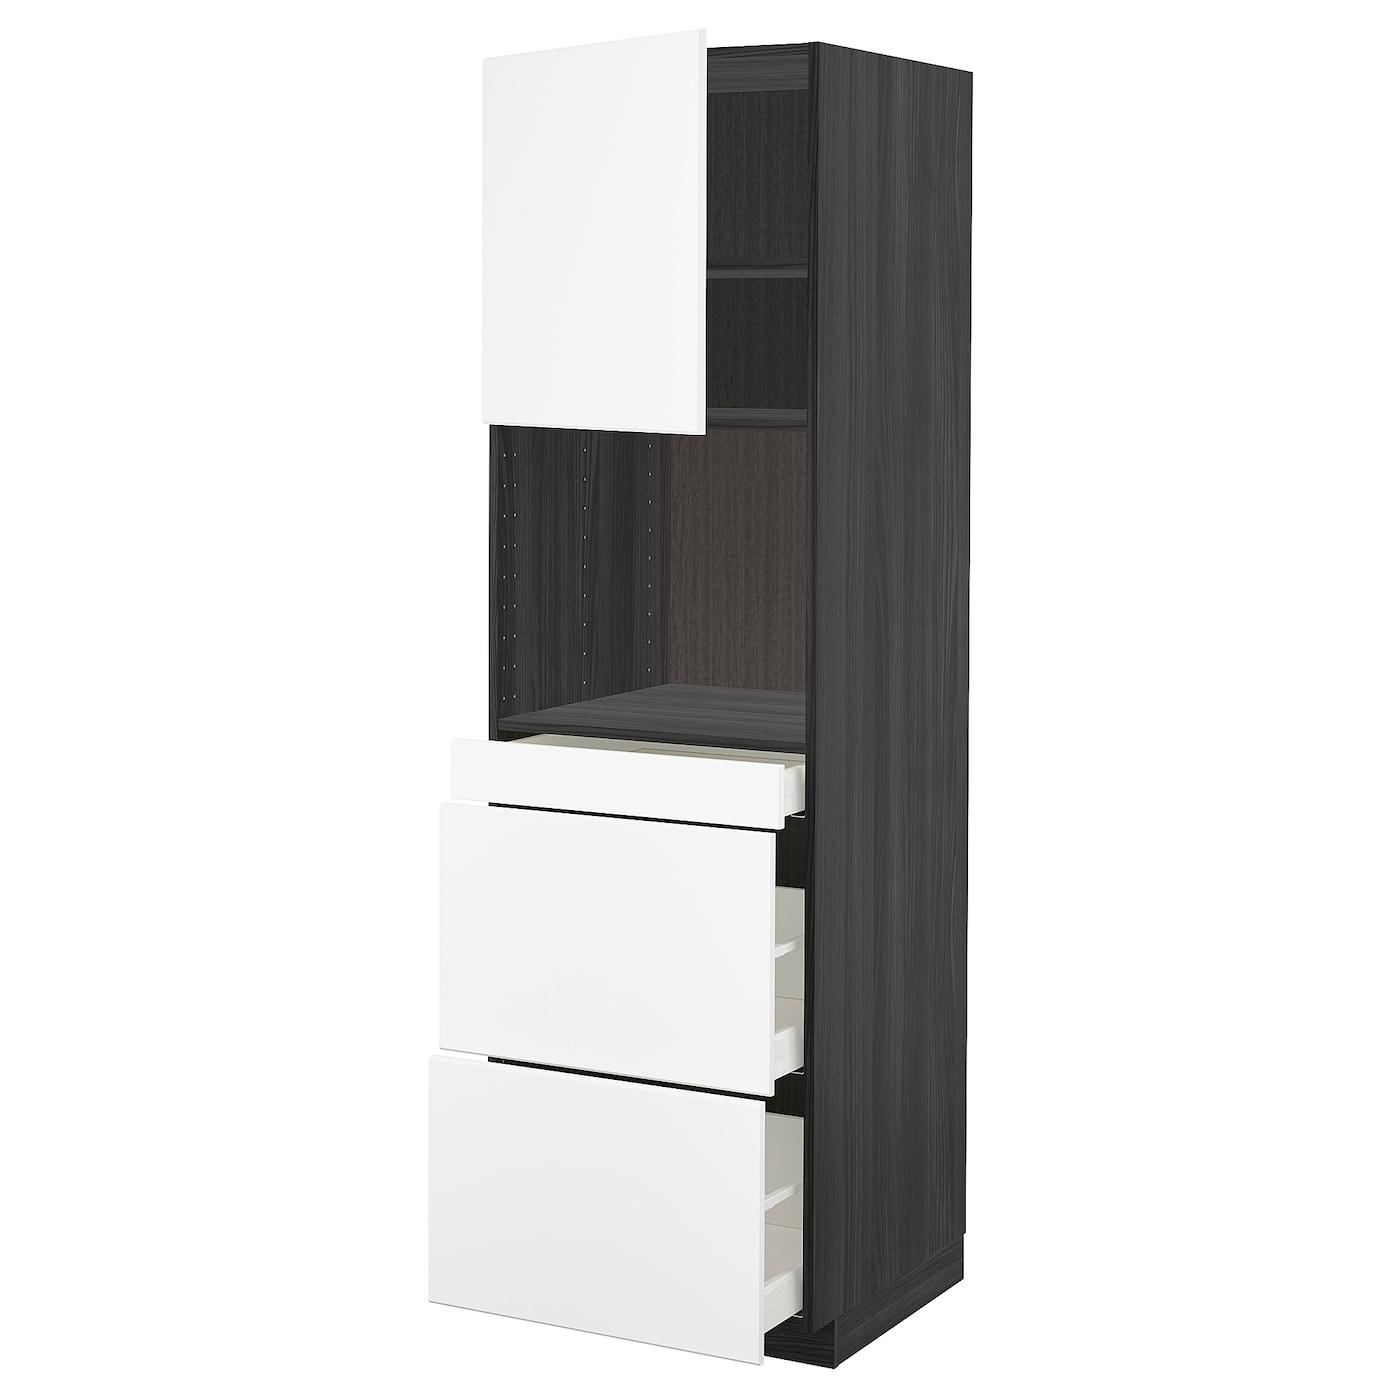 meuble cuisine encastrable ameublement cuisine ikea. Black Bedroom Furniture Sets. Home Design Ideas